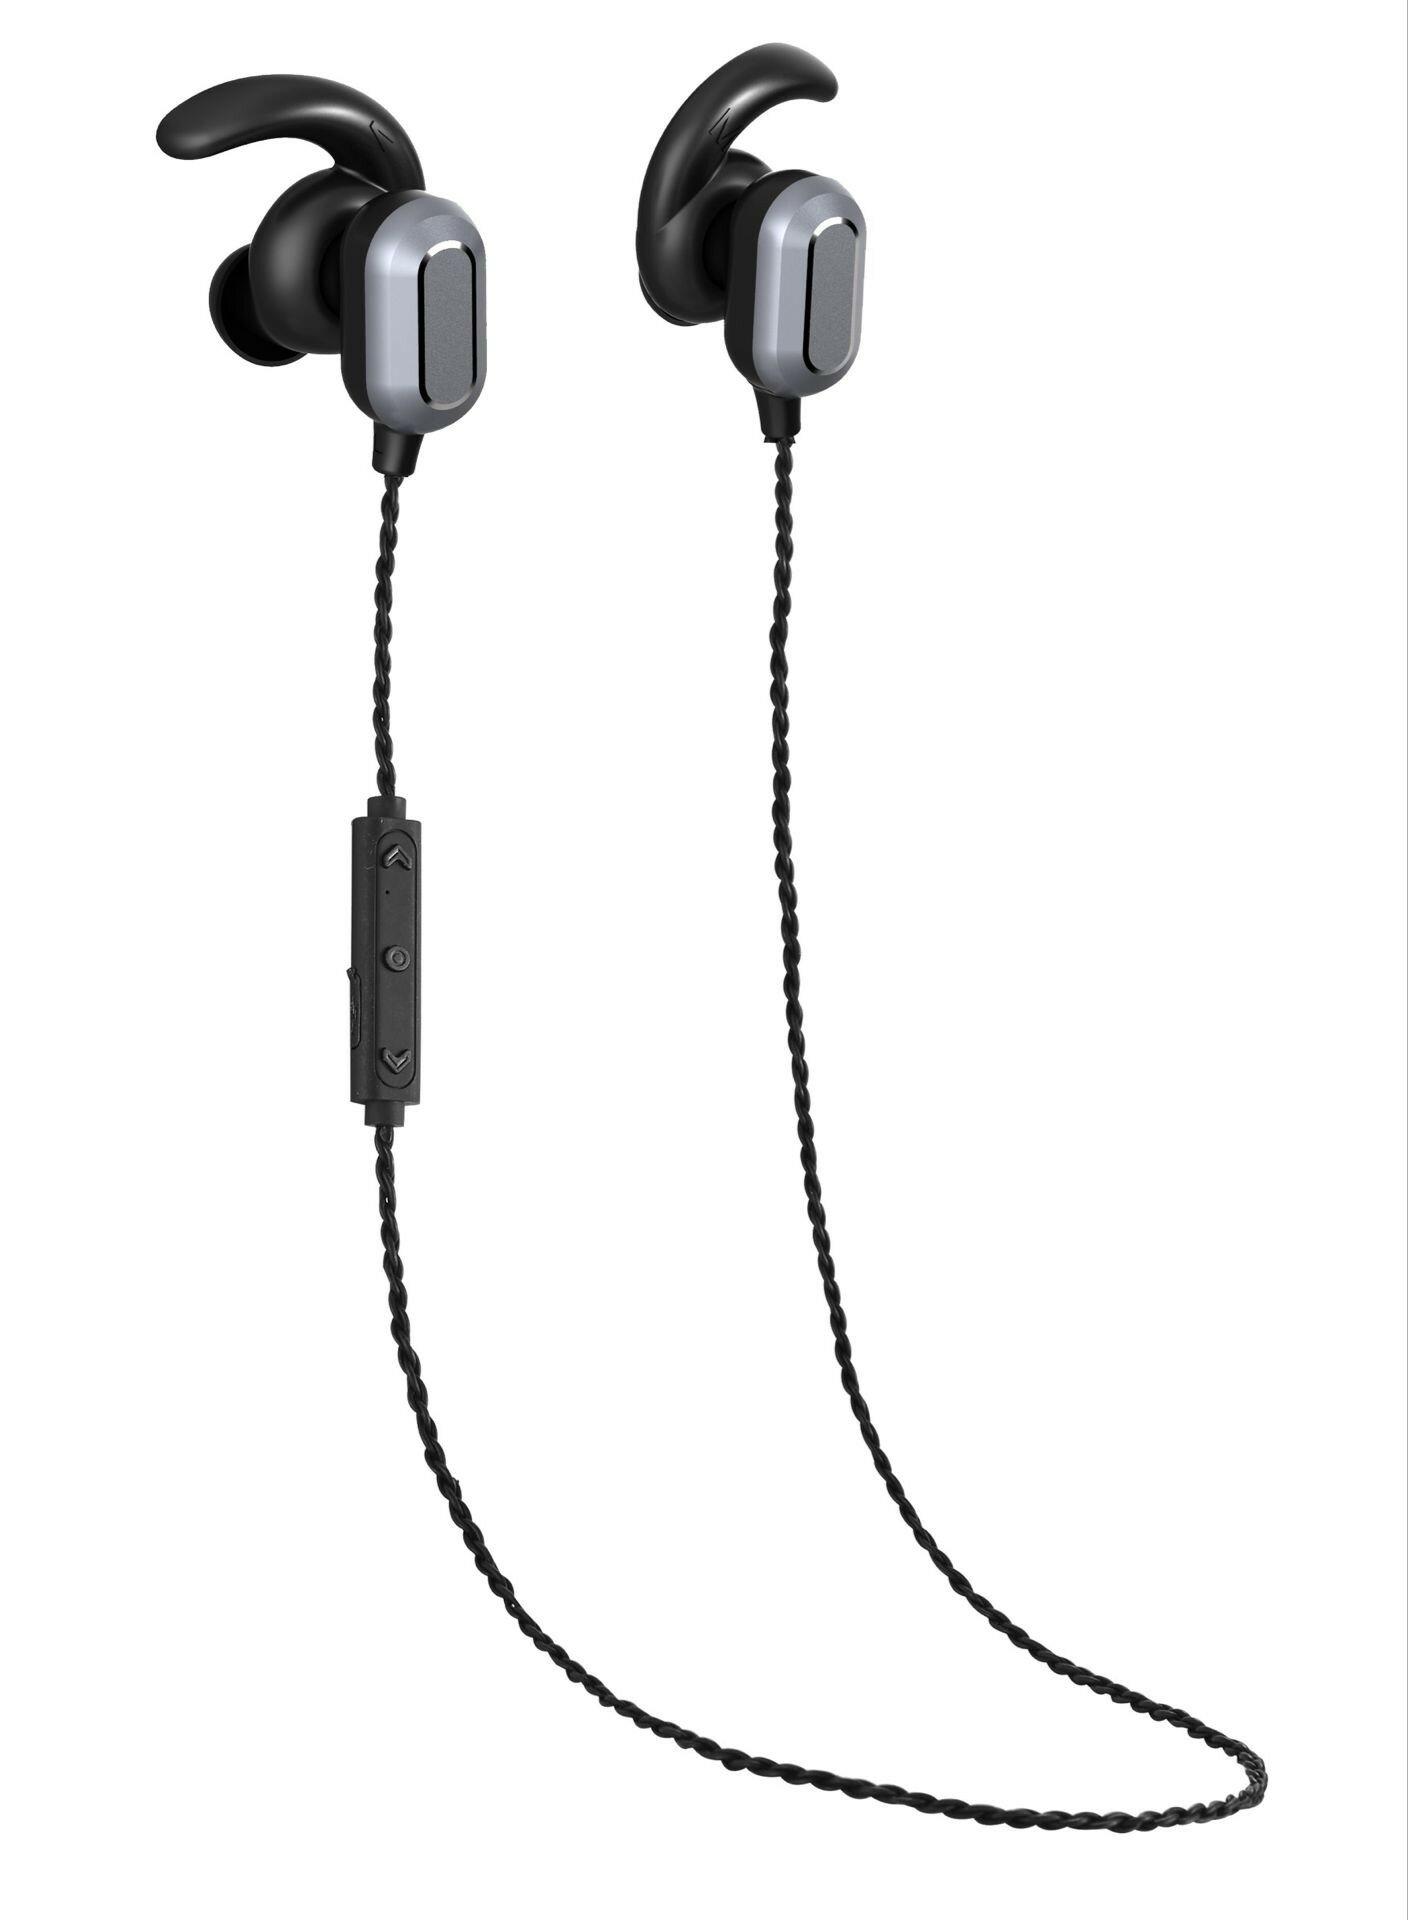 『 QLA BR998S 』防水立體聲藍牙耳機/藍芽4.1/雙動力電池/磁吸設計/IOS電量顯示/IPX7防水/另售jabra rox